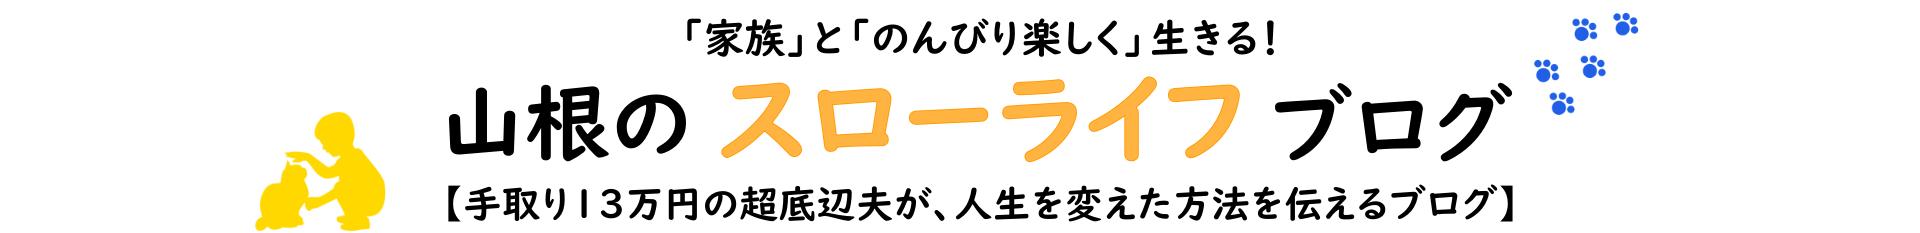 山根のスローライフブログ